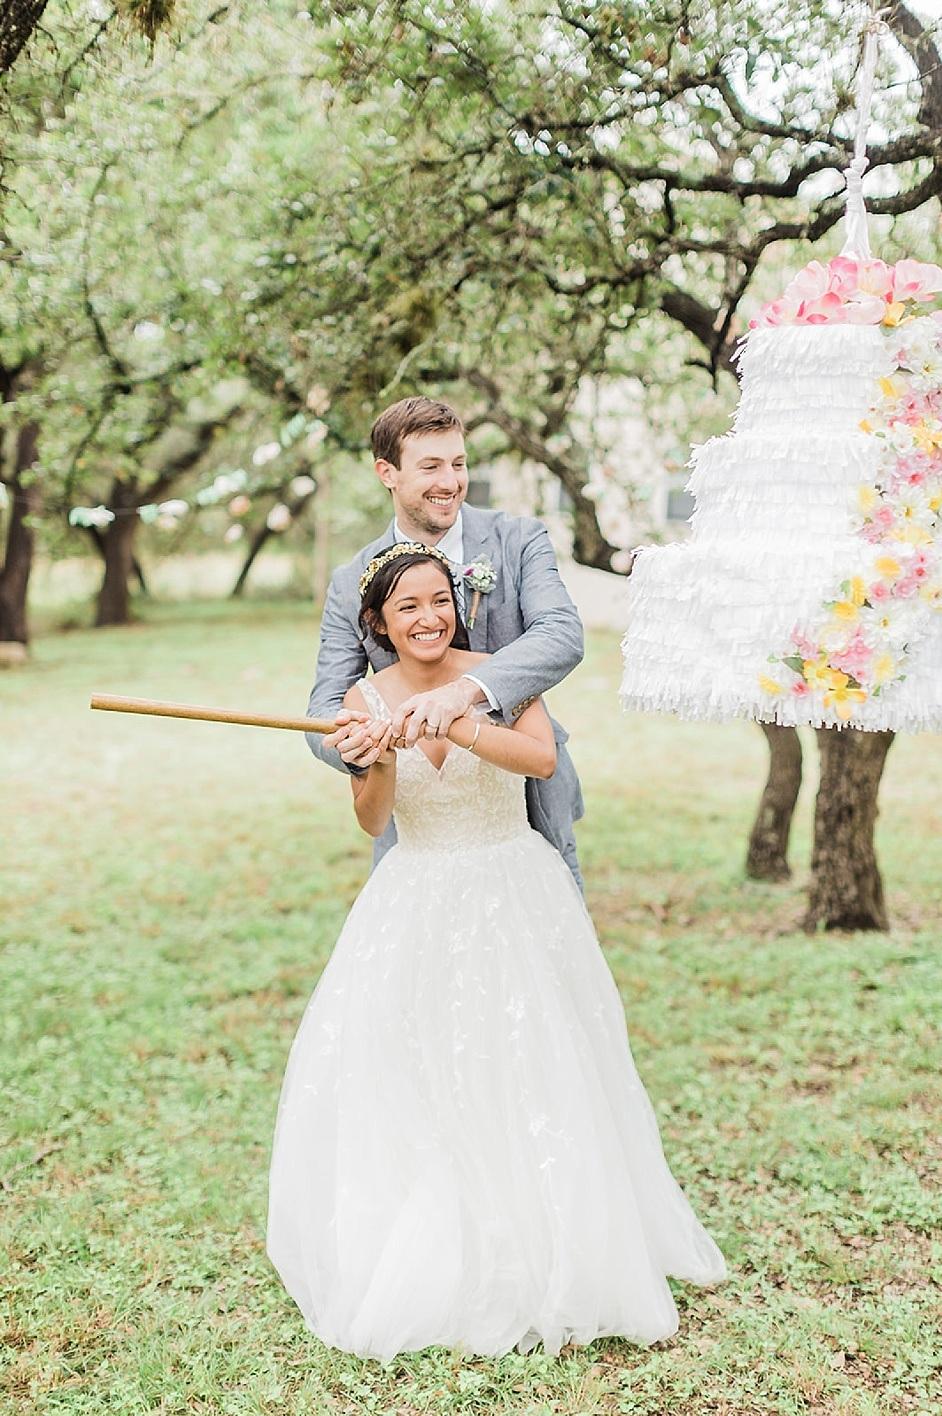 Bruidspaar met een piñata op hun bruiloft